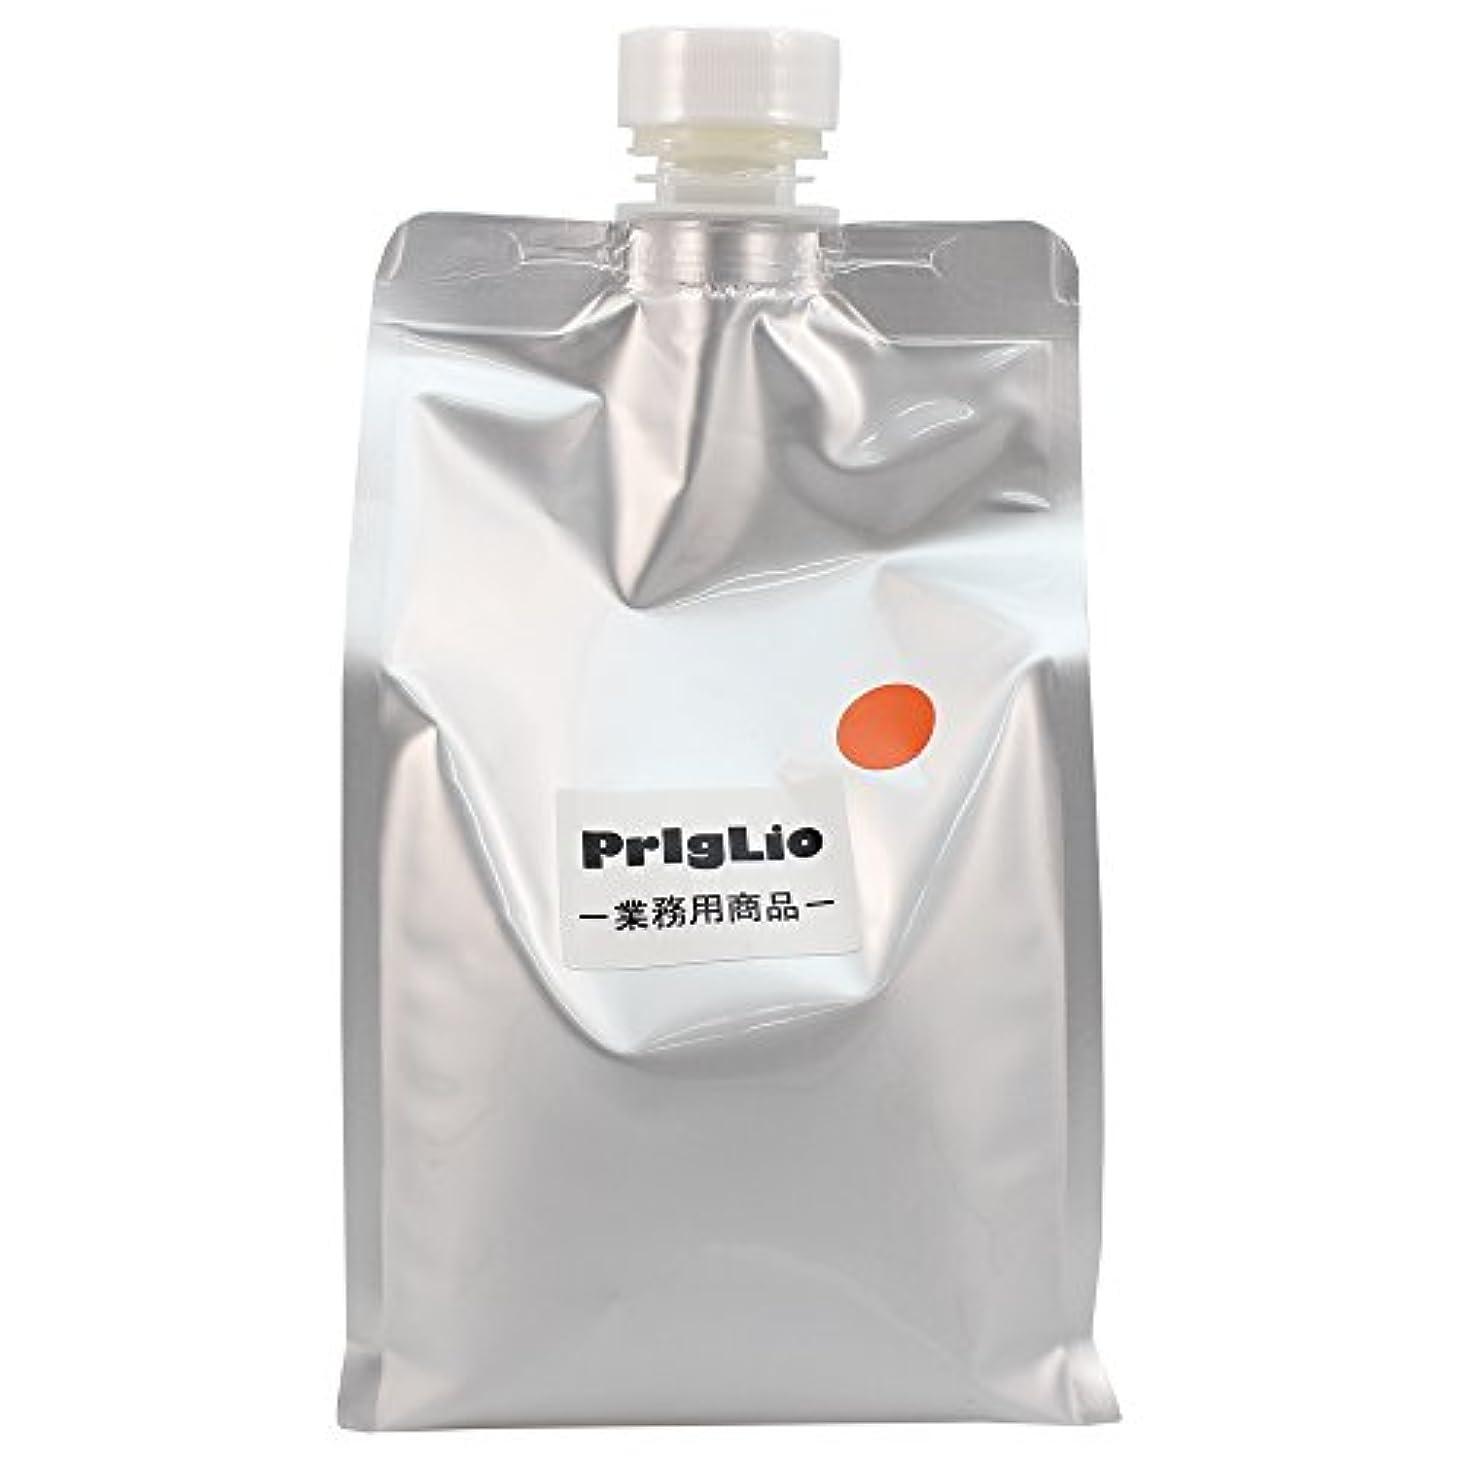 ディプロマピックあたたかいプリグリオD ナチュラルハーブシャンプー オレンジ 900ml